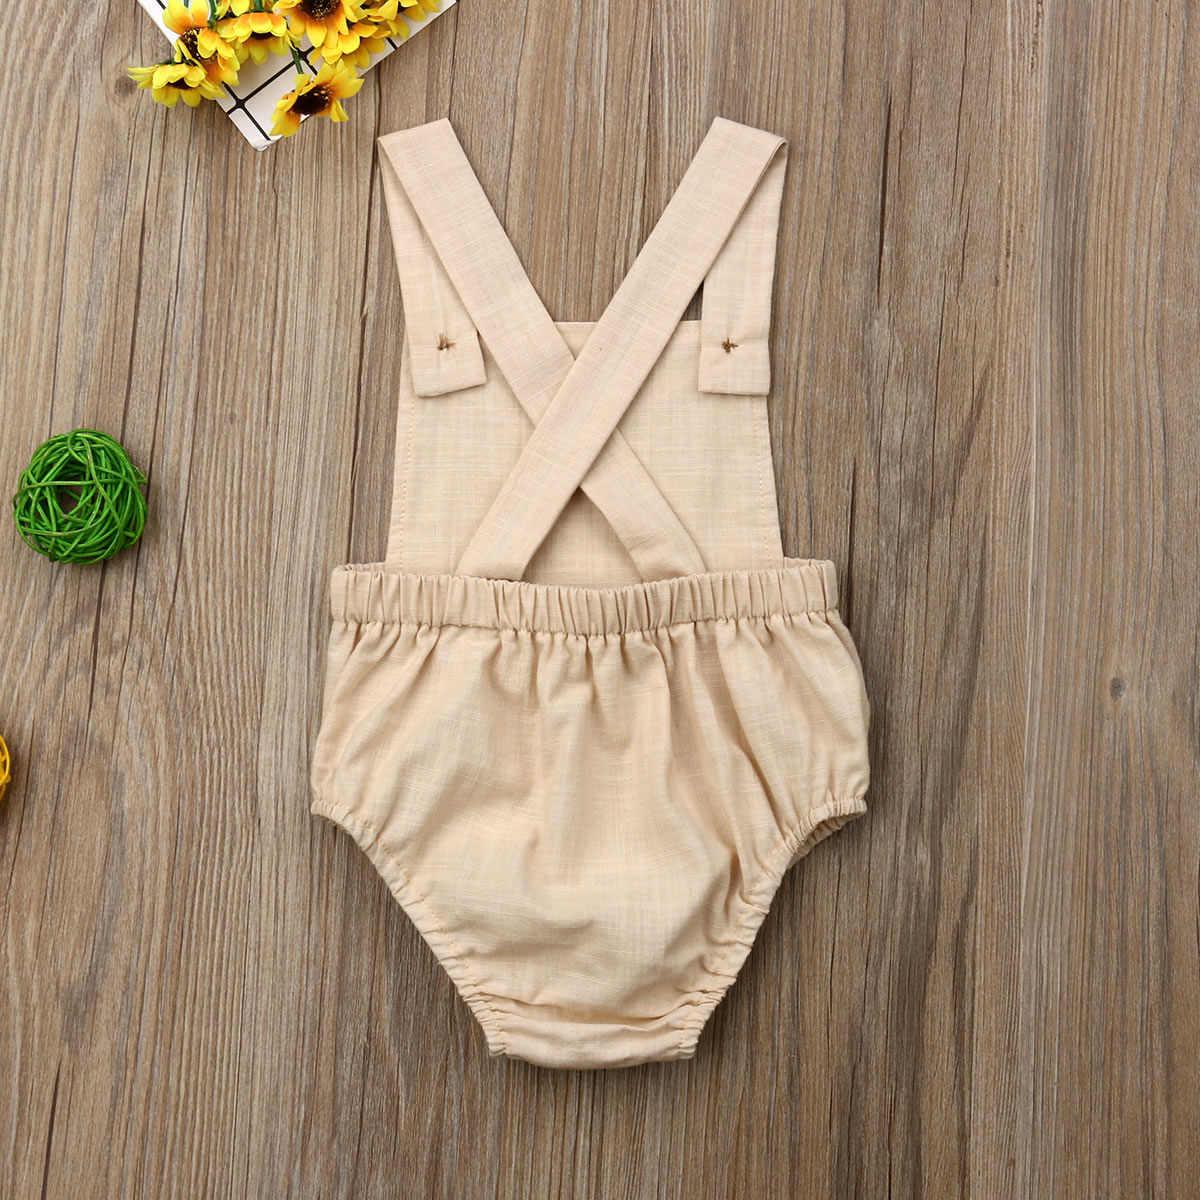 ทารกแรกเกิดน่ารักเด็กบอดี้สูทเด็กทารกสาวเสื้อผ้า Babygrow Jumpsuit ชุดสูท Sunsuit Soild เด็กเสื้อผ้าฤดูร้อน 2019